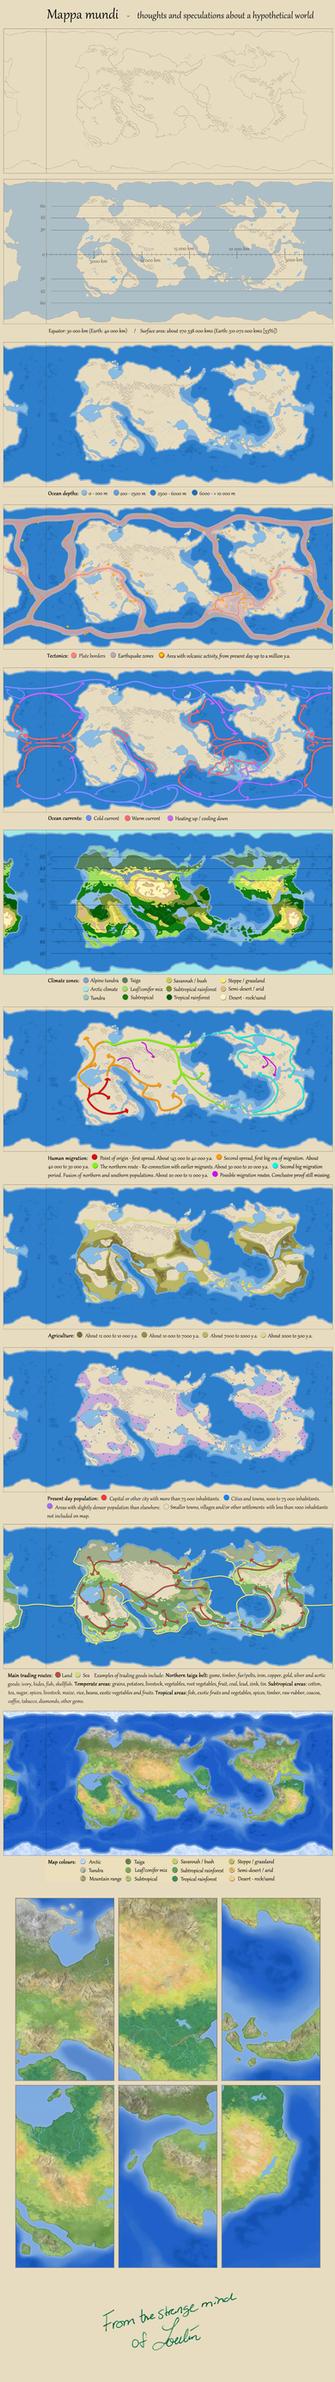 Mappa mundi by Loulin